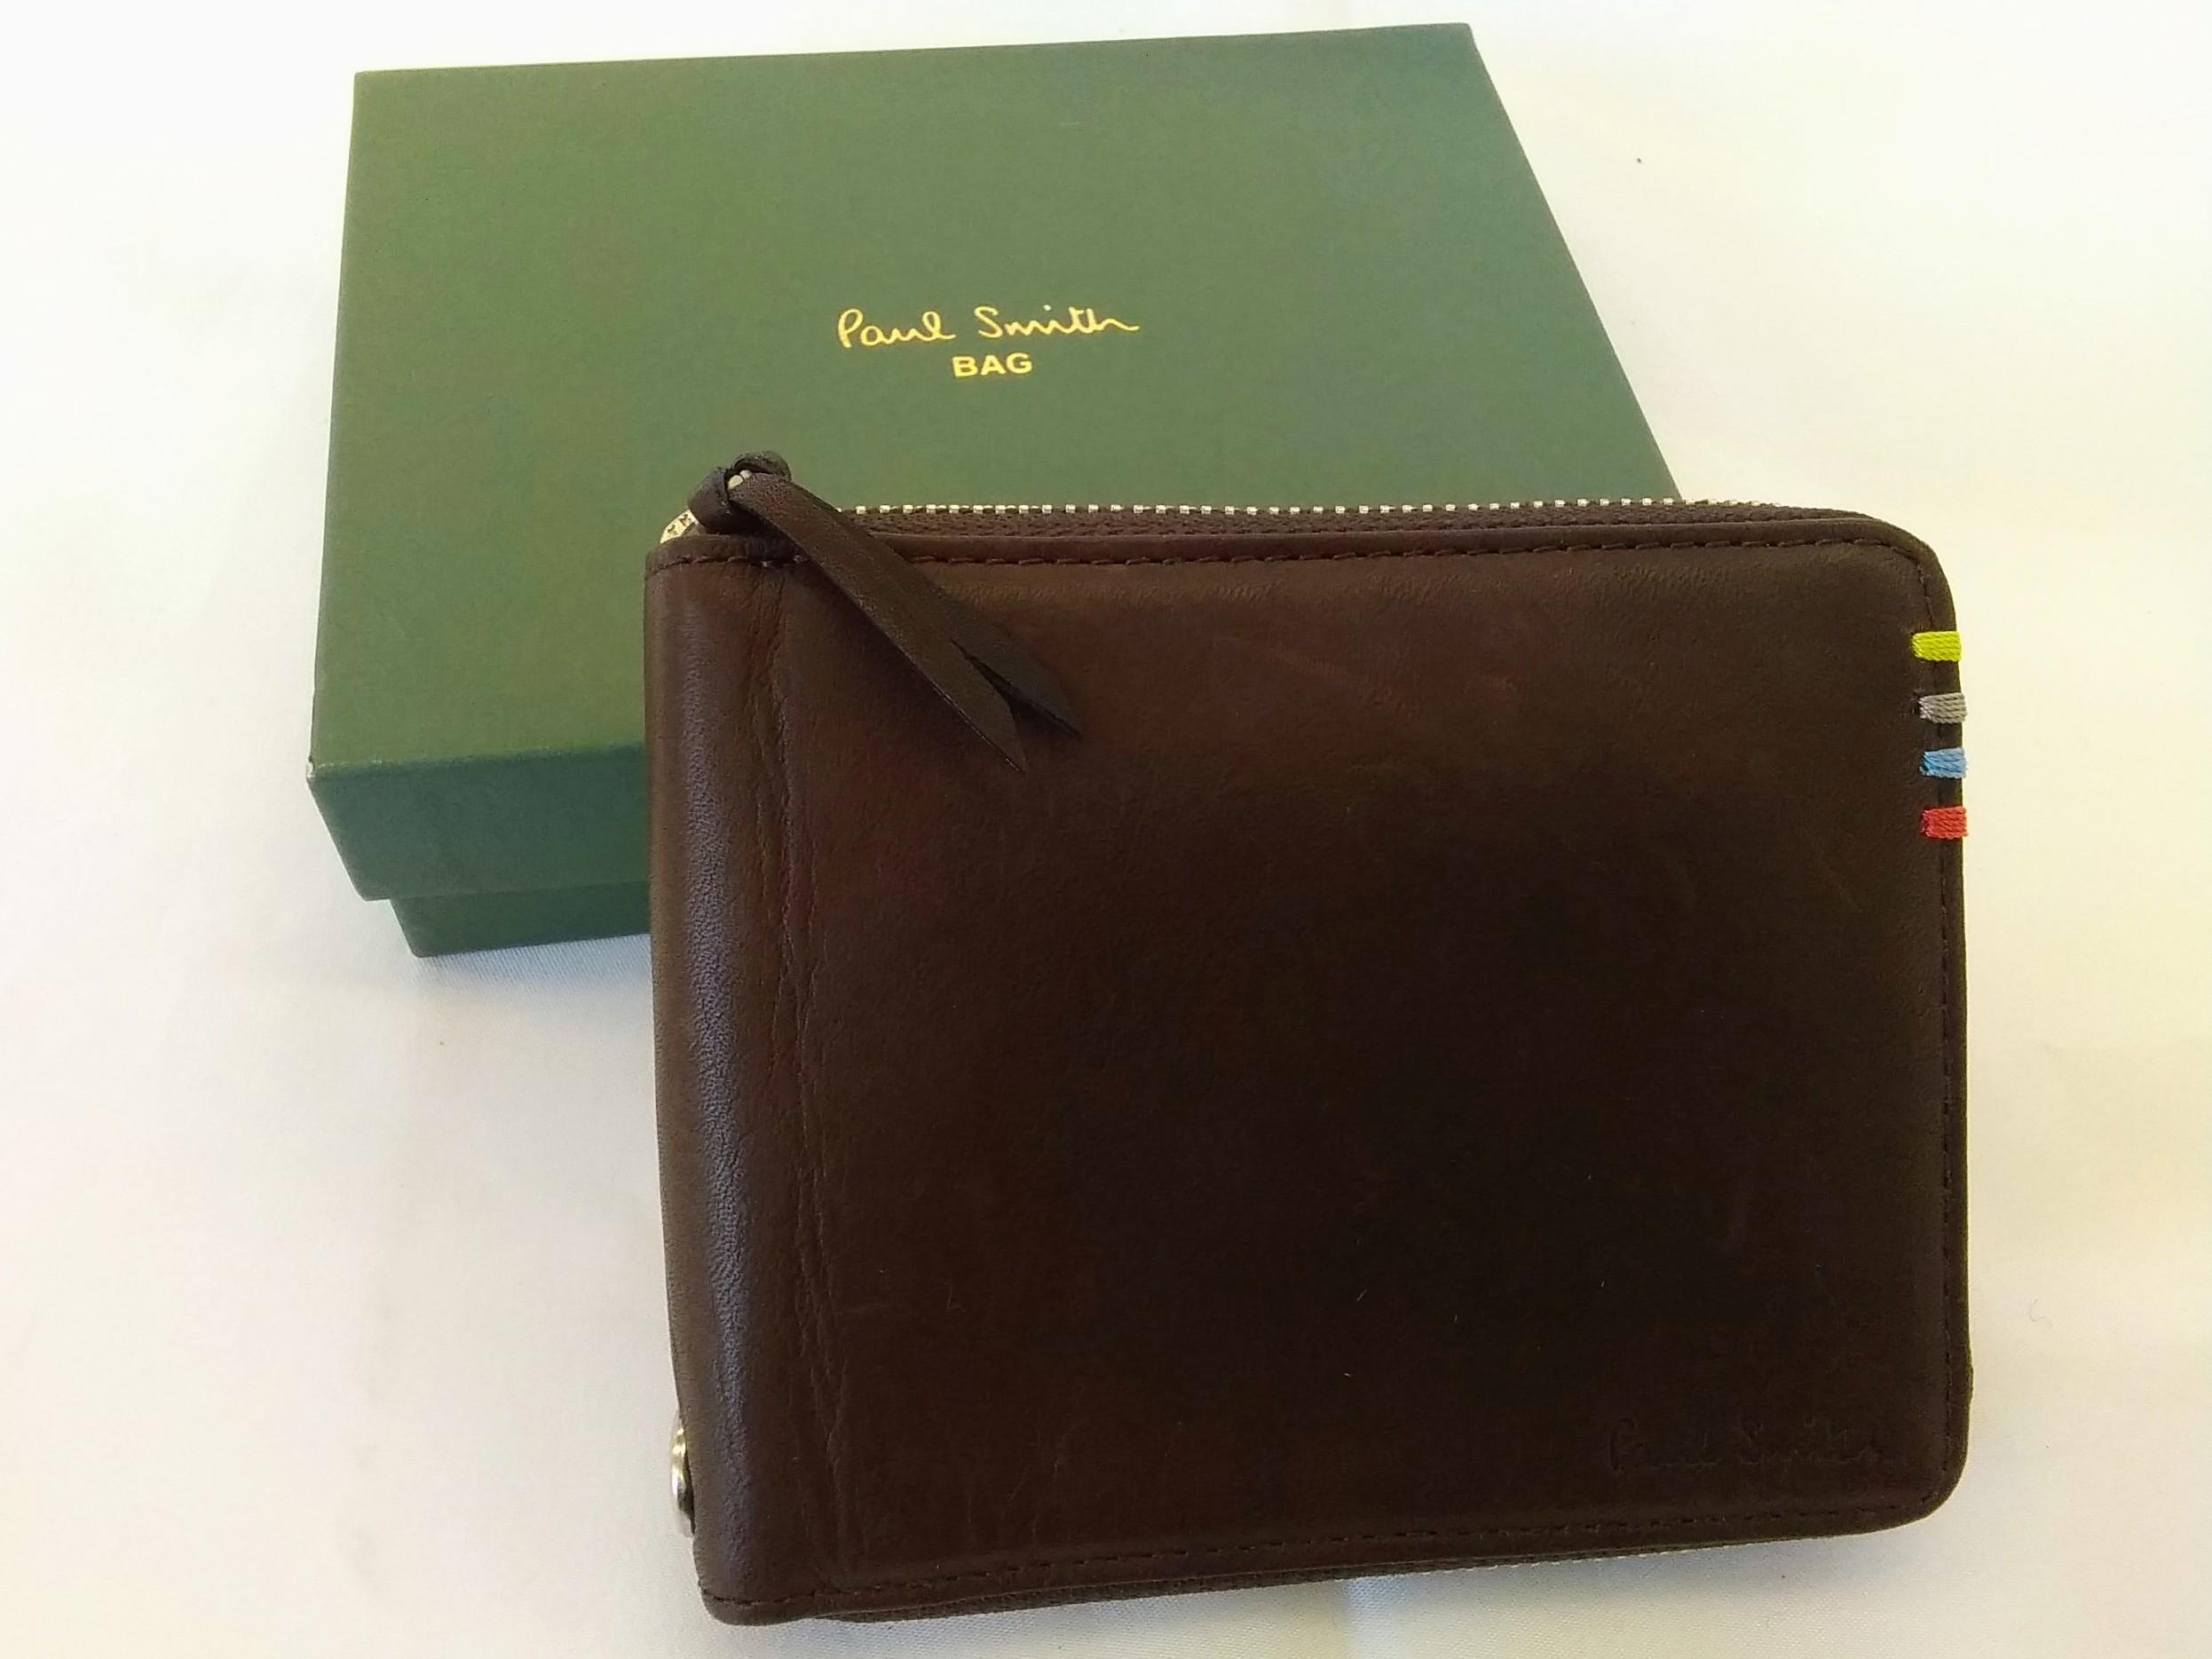 ラウンドジップ財布【ブラウン】|PAUL SMITH【ポールスミス】【メンズ】【箱つき】